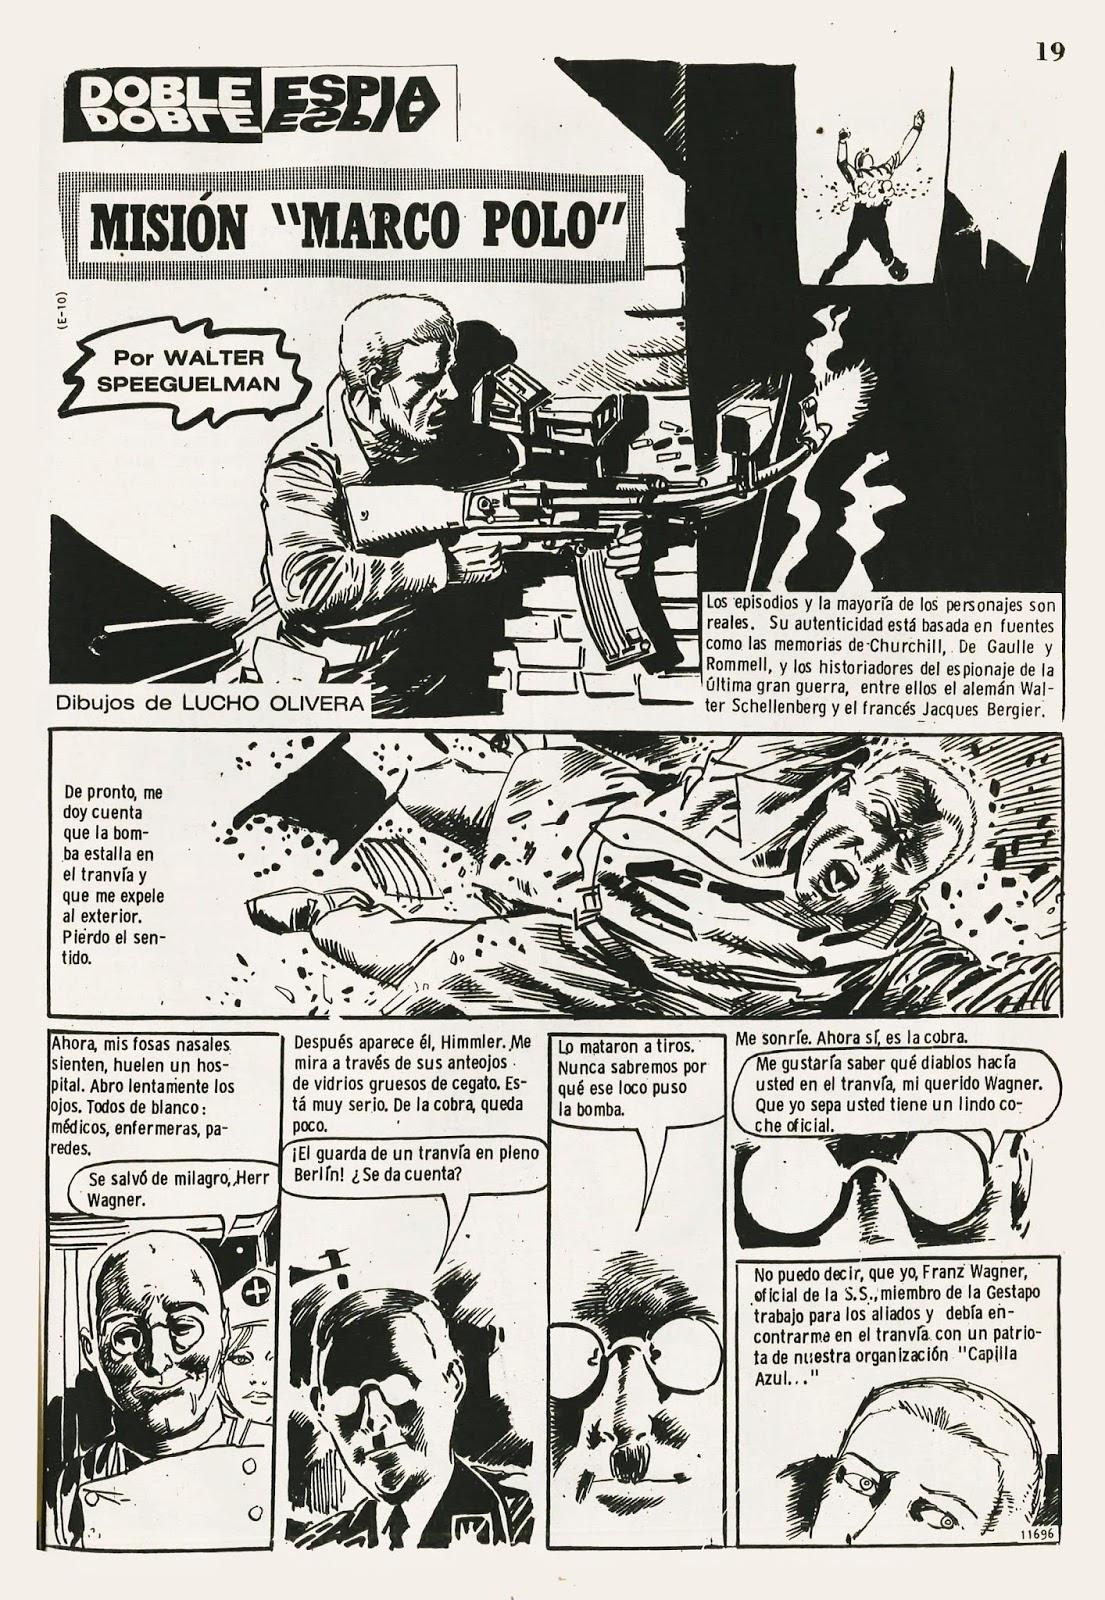 Historietas de la revista Dartagnan para descargar: Doble Espía ...